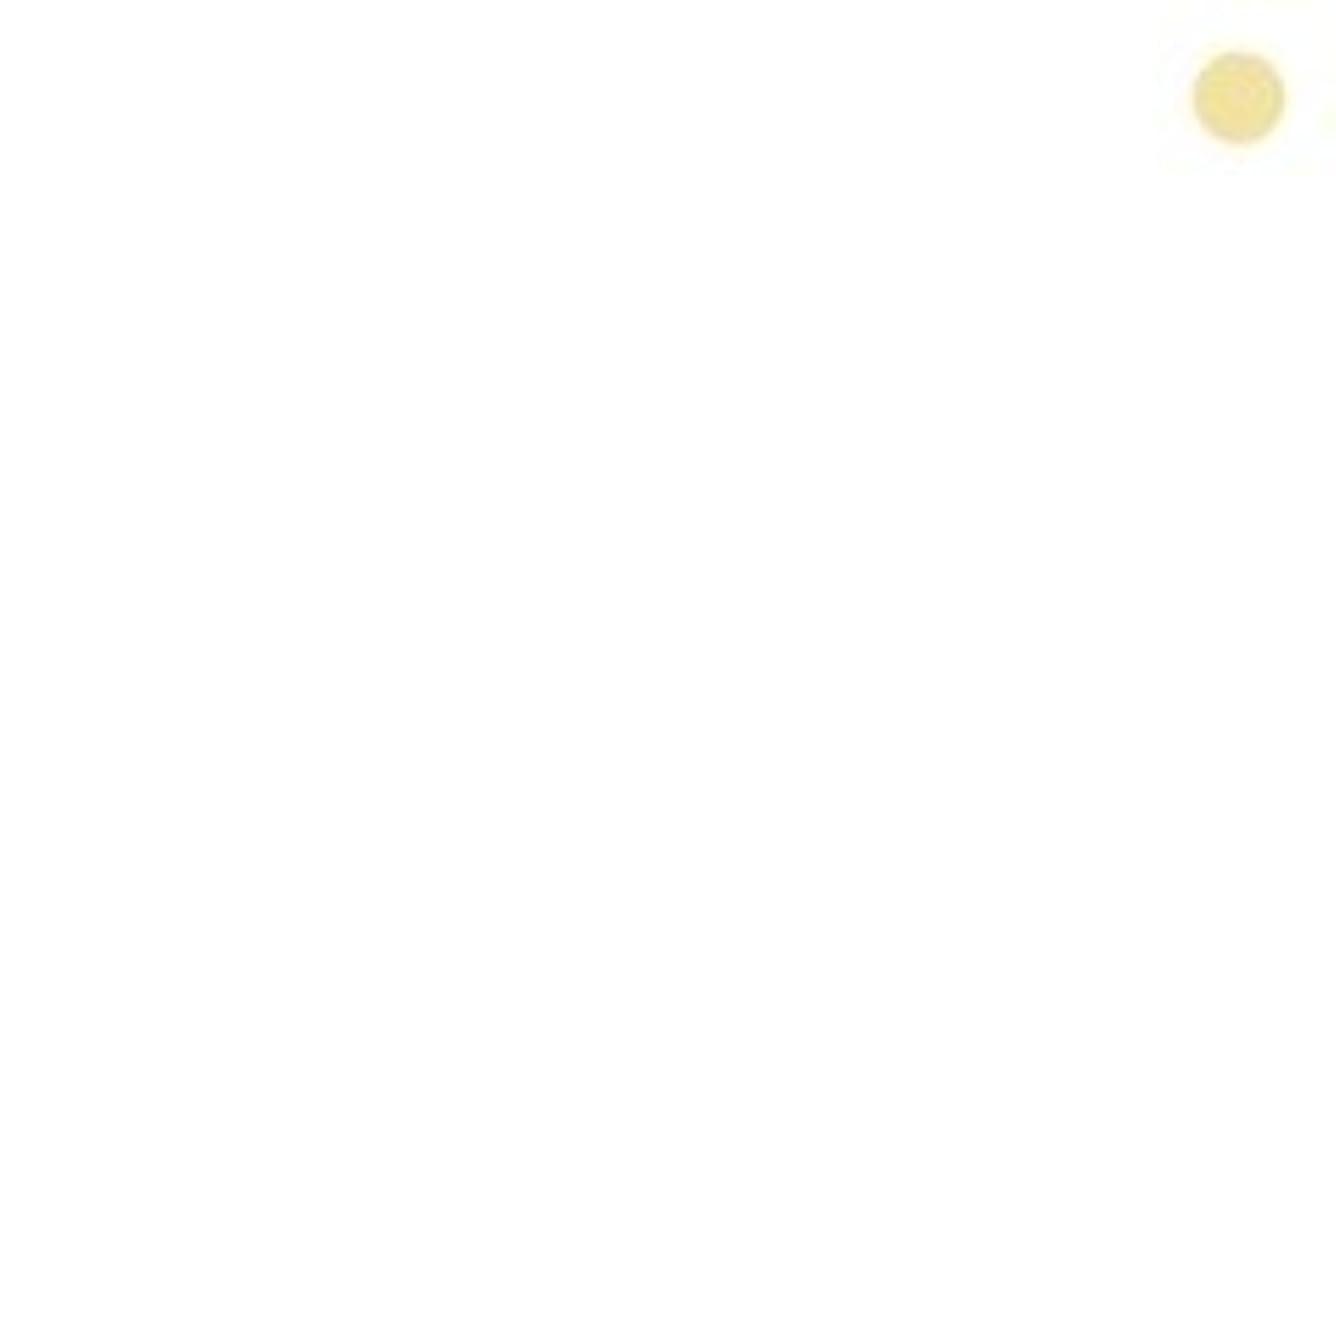 小康クスクスどれか【カバーマーク】ジャスミーカラー パウダリーファンデーション #YN10 (レフィル)